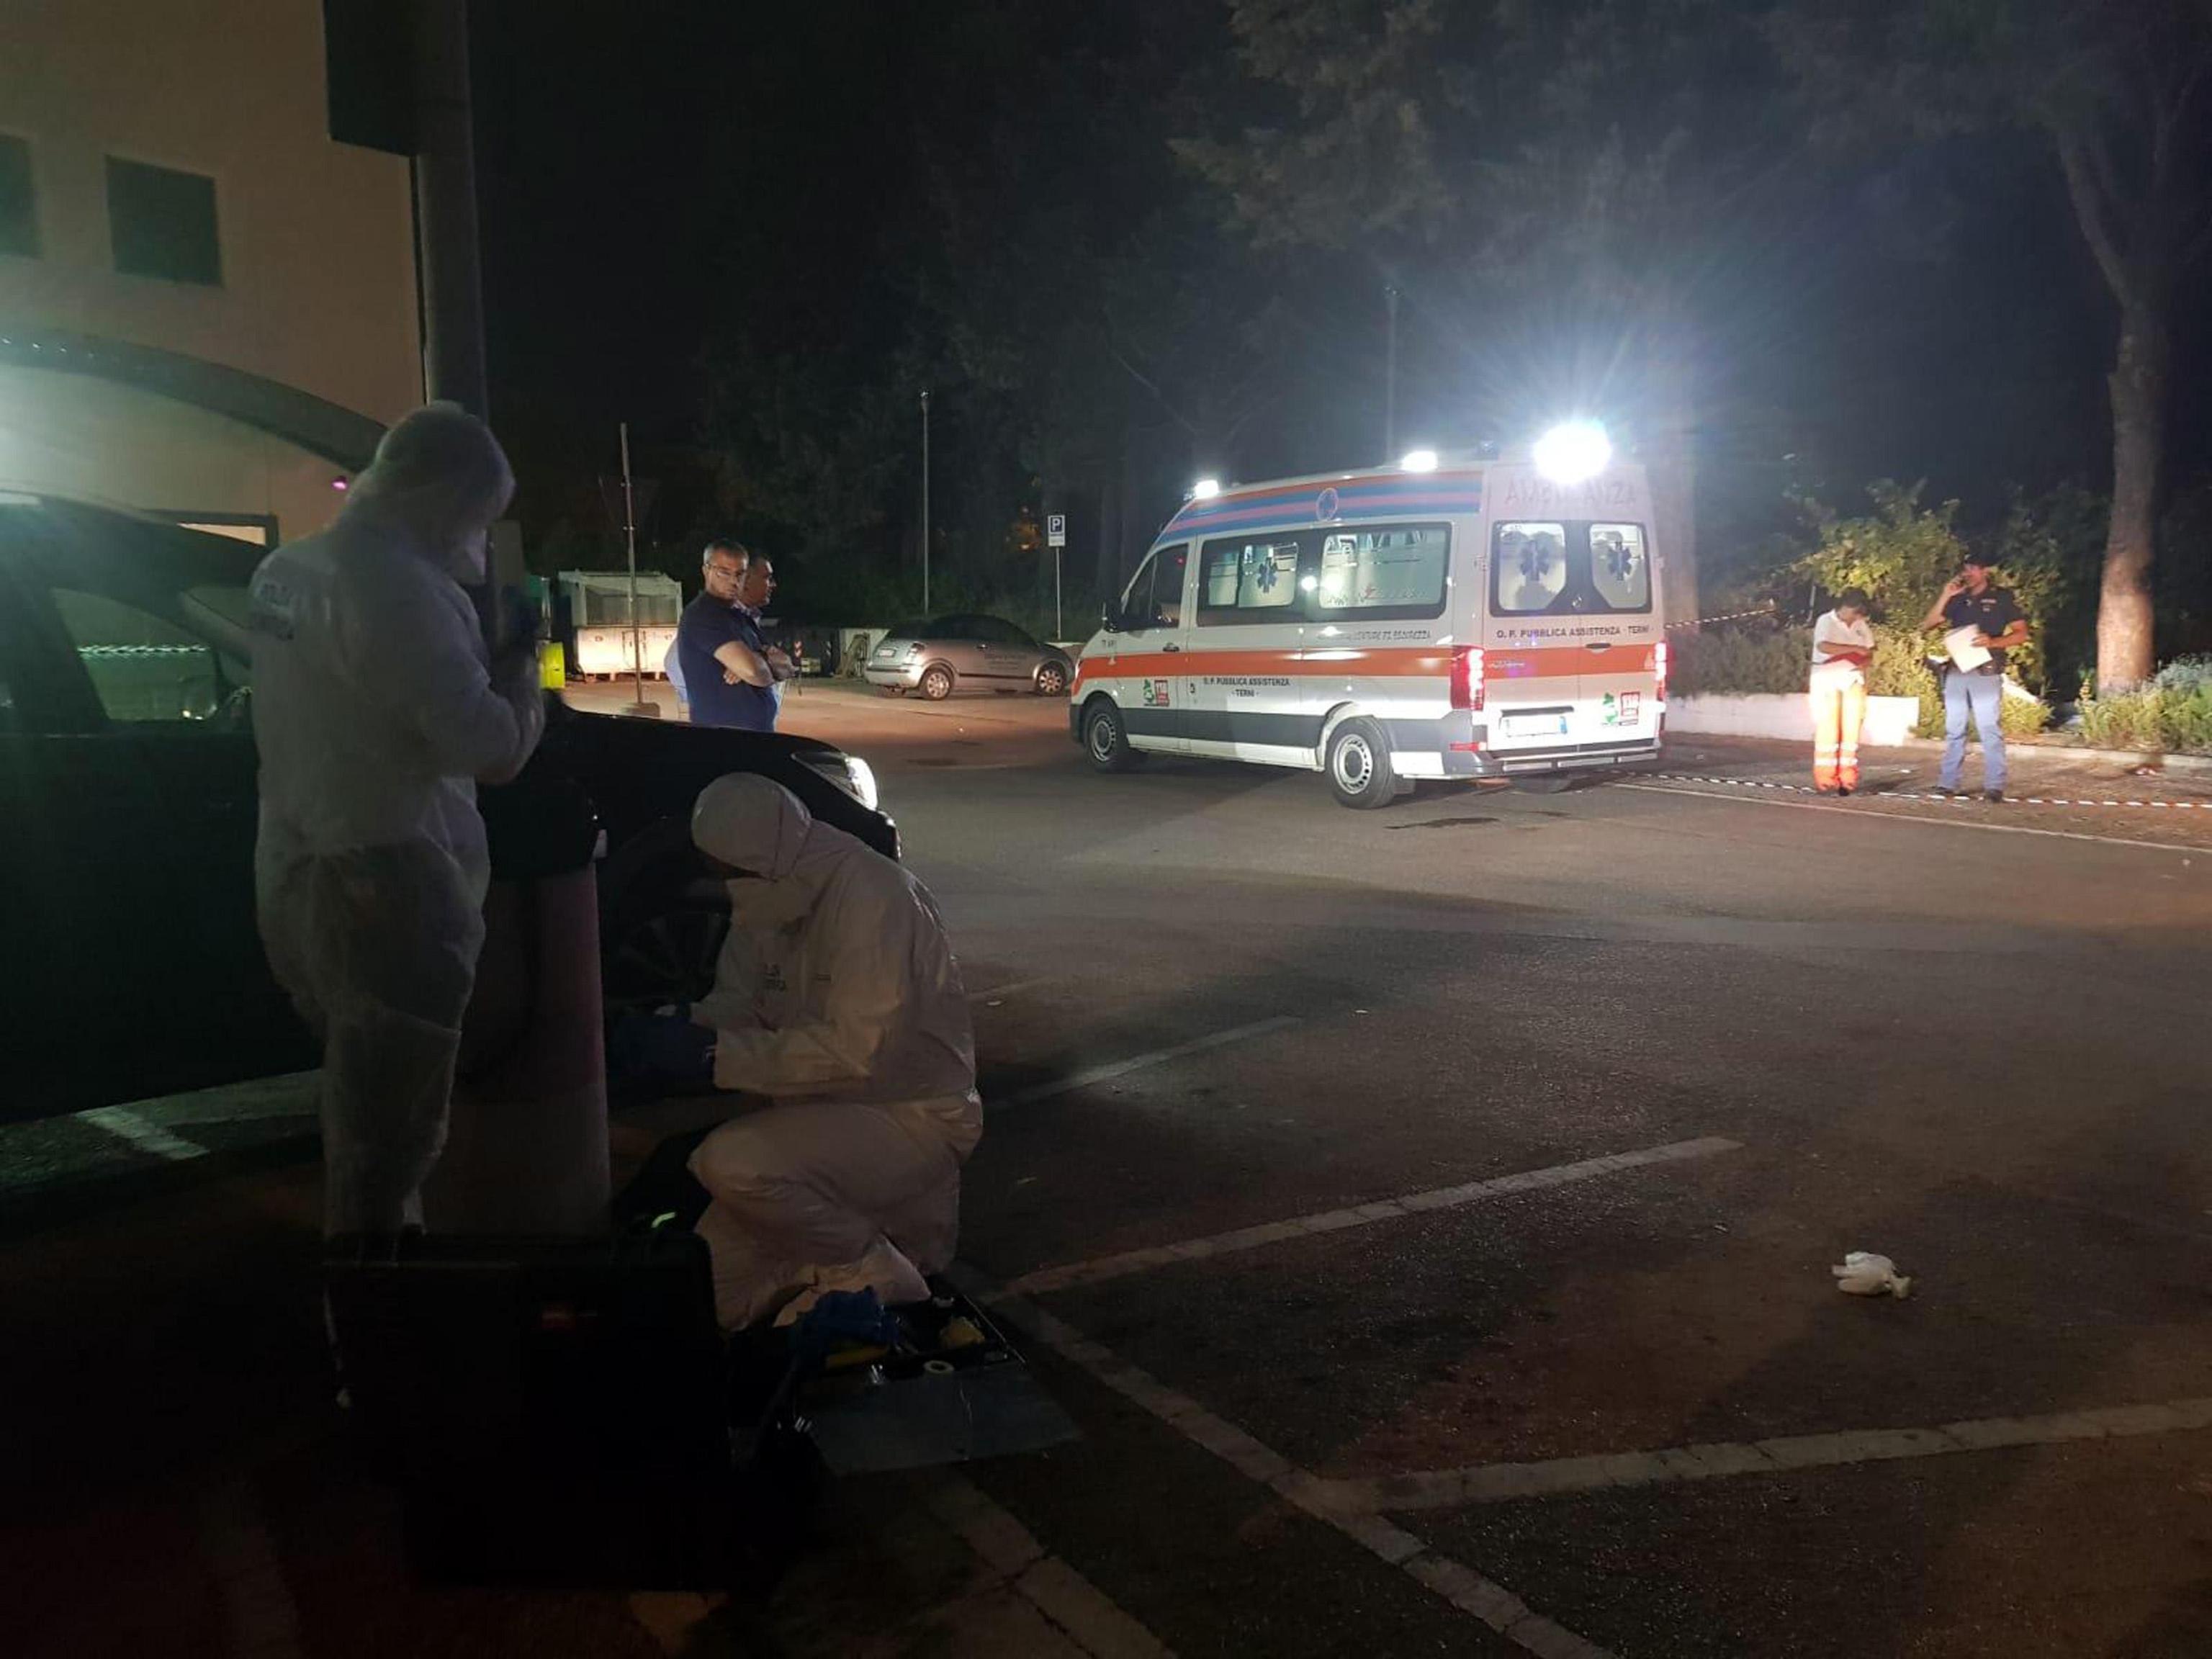 Neonato in un sacchetto trovato nel parcheggio di un supermercato a Terni